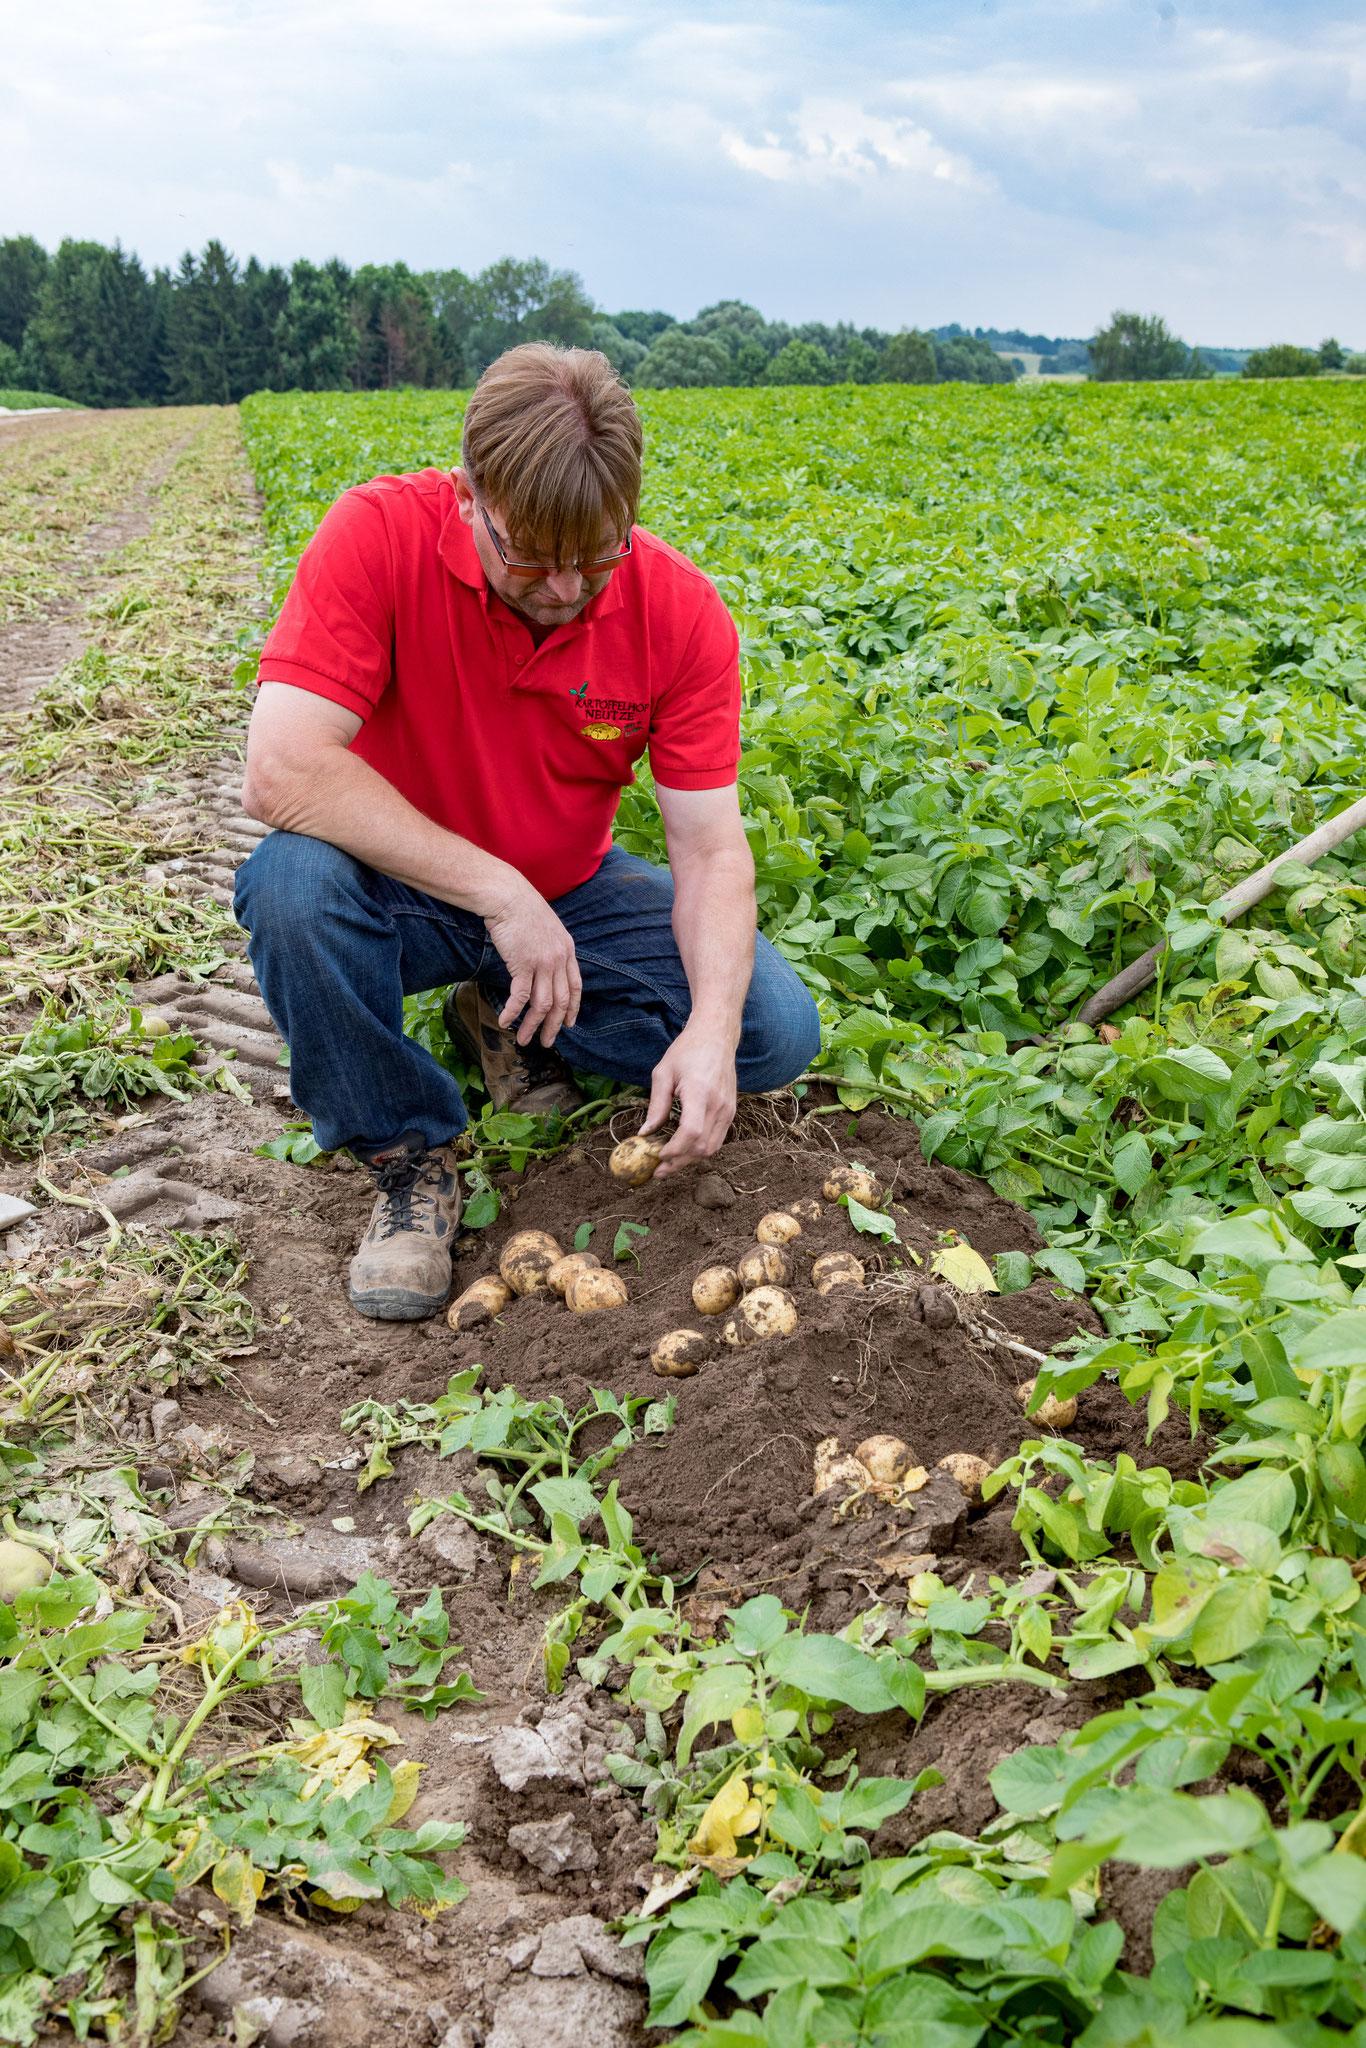 Landwirt Hartmut Neutze kontrolliert die Größe und Anzahl der Kartoffeln pro Pflanze.